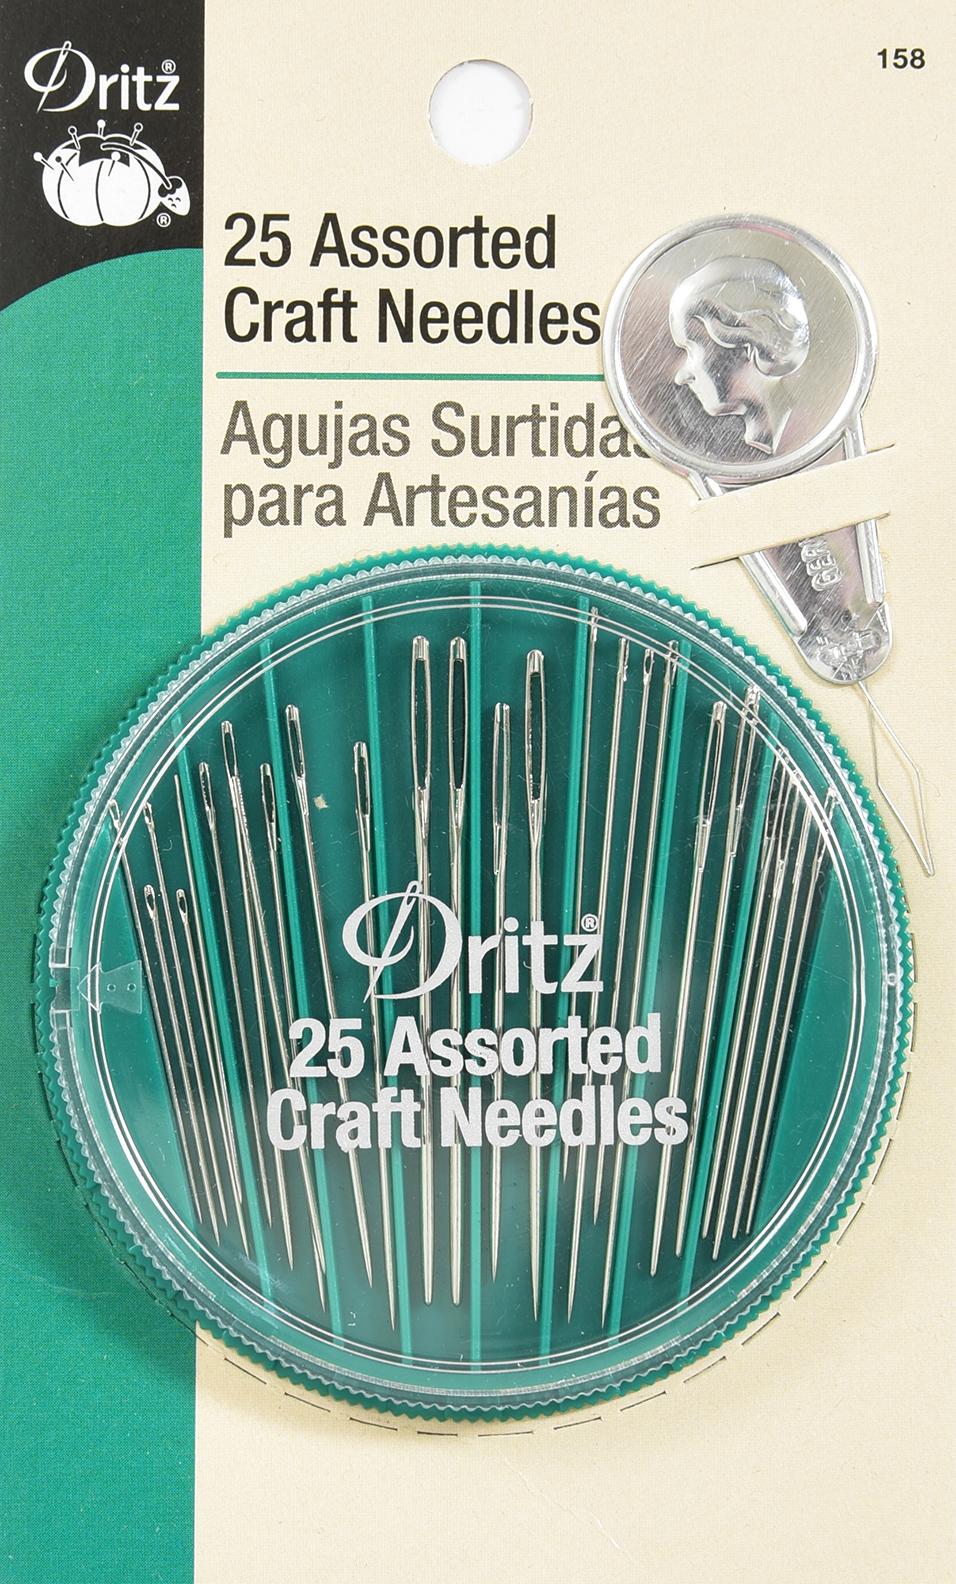 Assorted Craft Needles